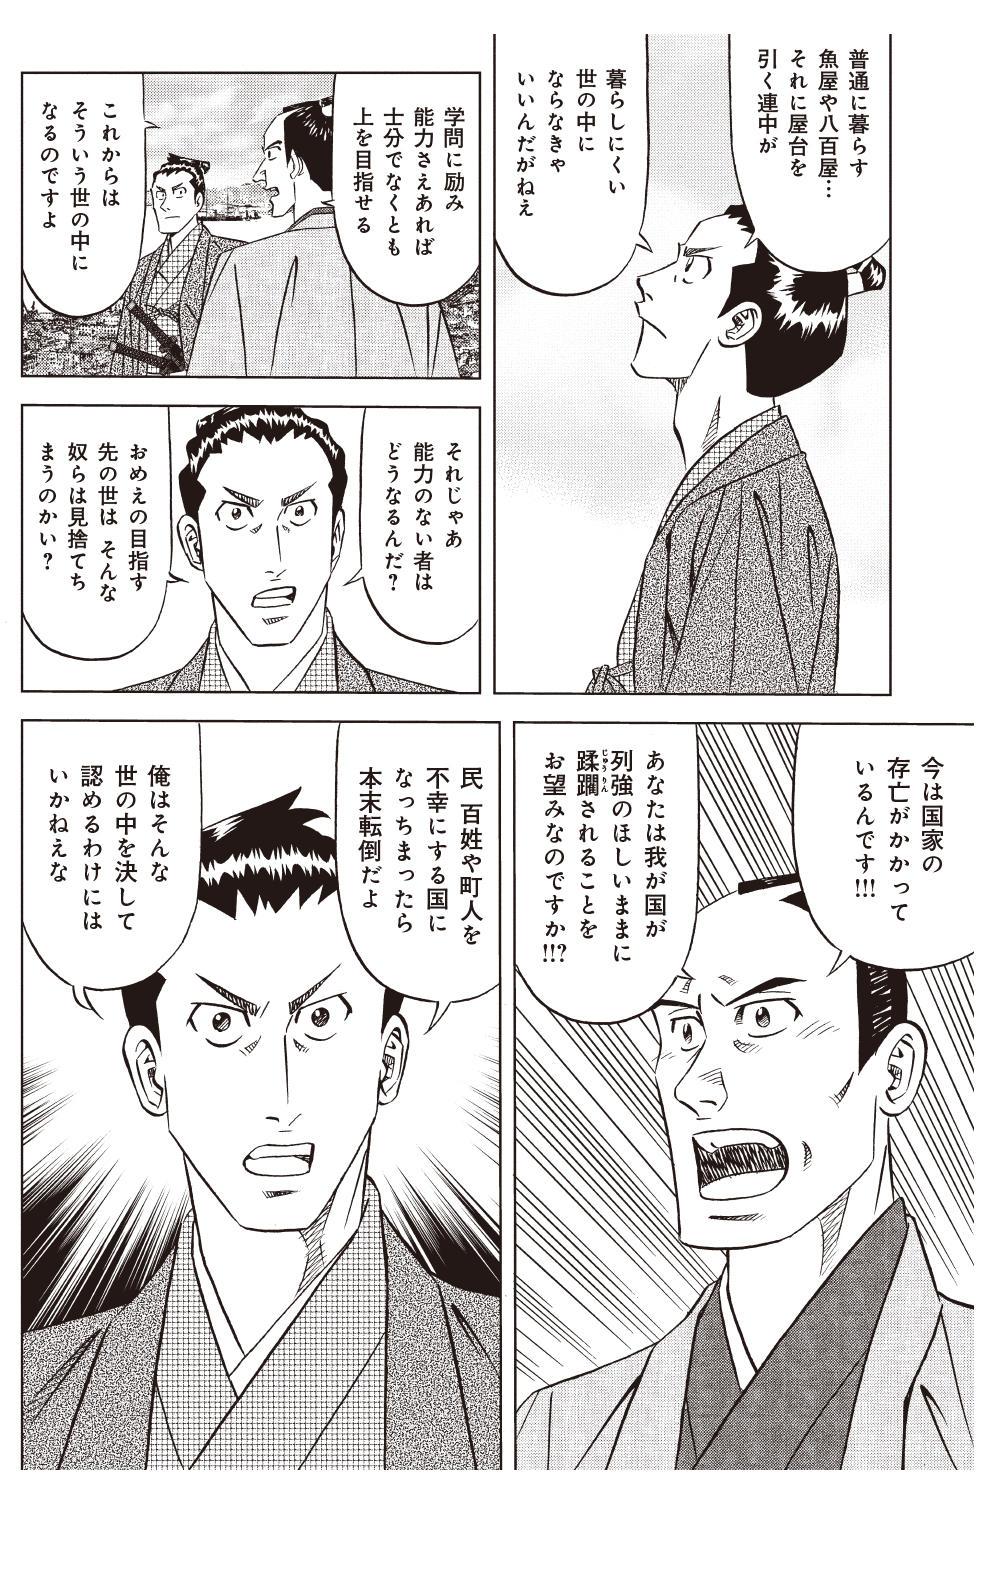 ミスター味っ子 幕末編 第3話「黄金大陸」②ajikko02-106.jpg